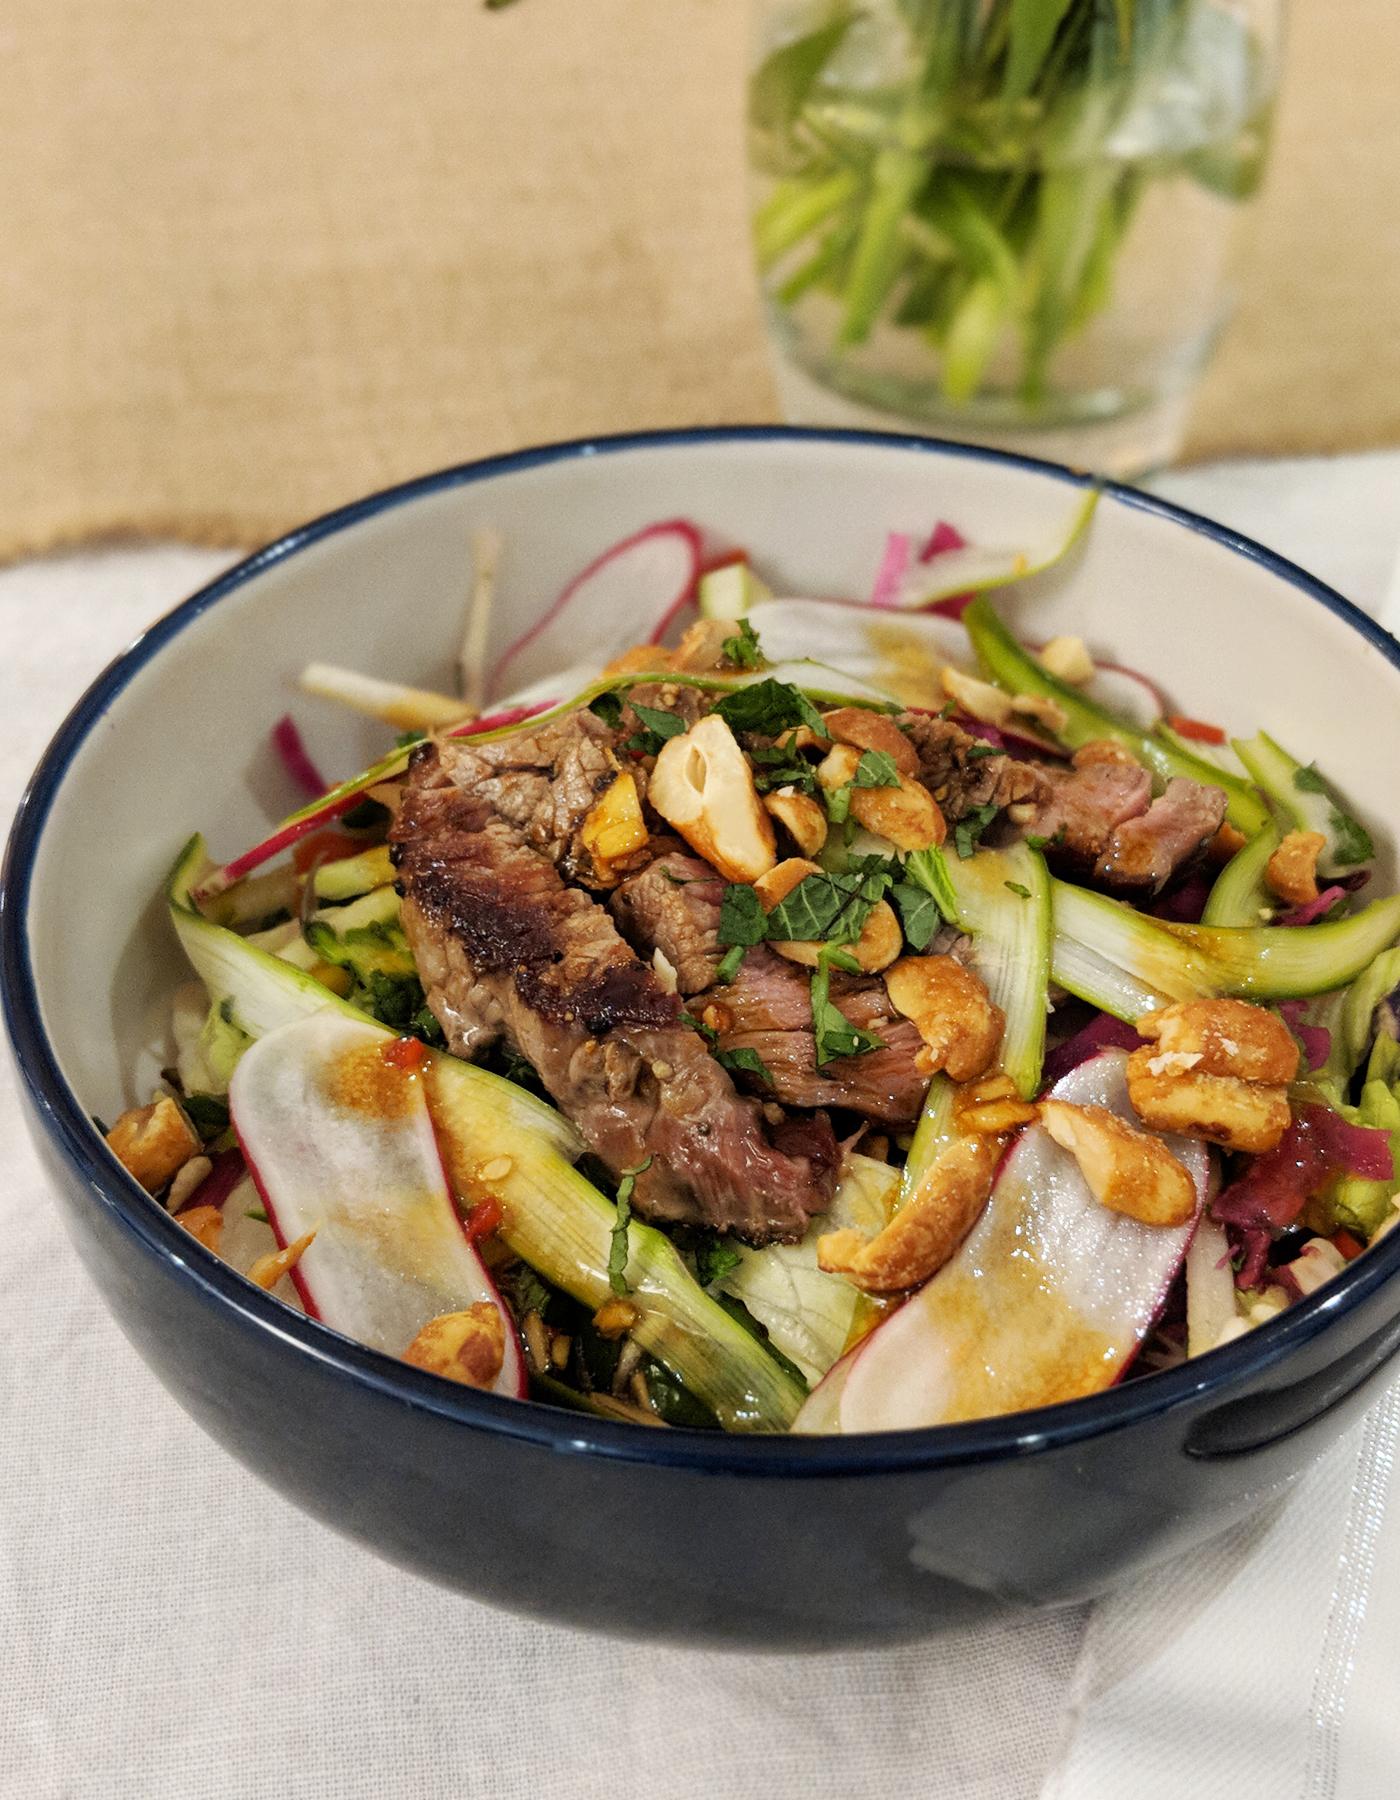 M&S Beef salad